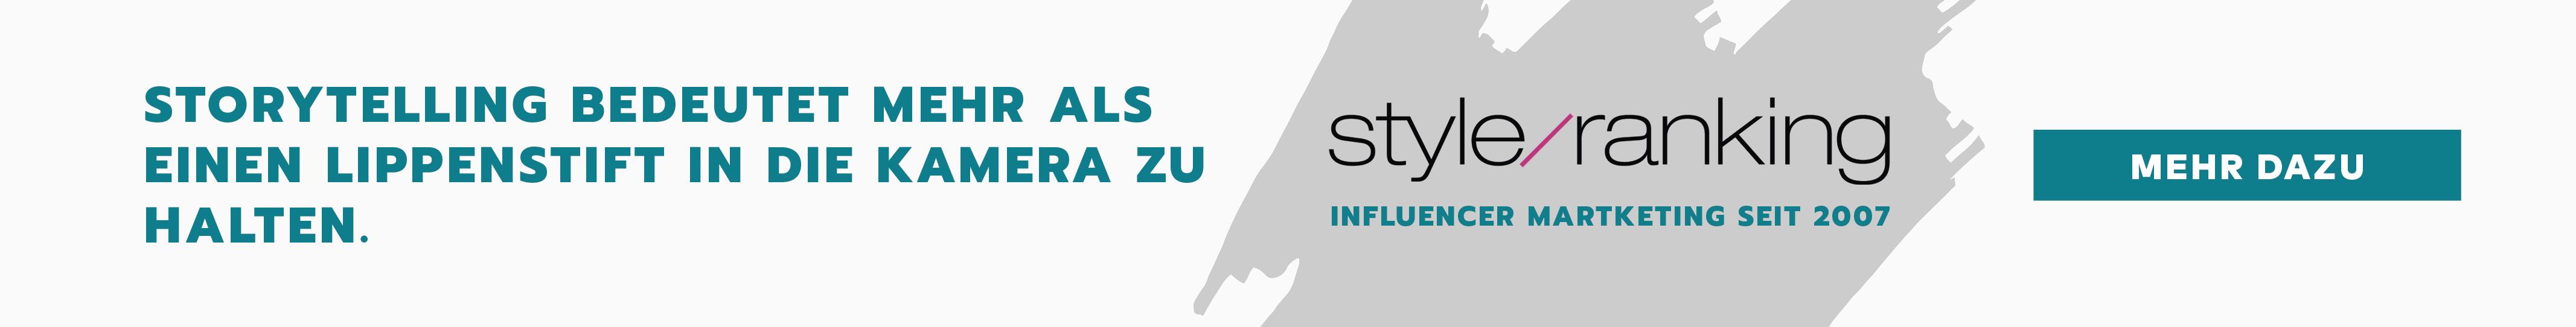 styleranking ist Spezialist im Influencer Marketing seit 2007 - jetzt unverbindlich beraten lassen...